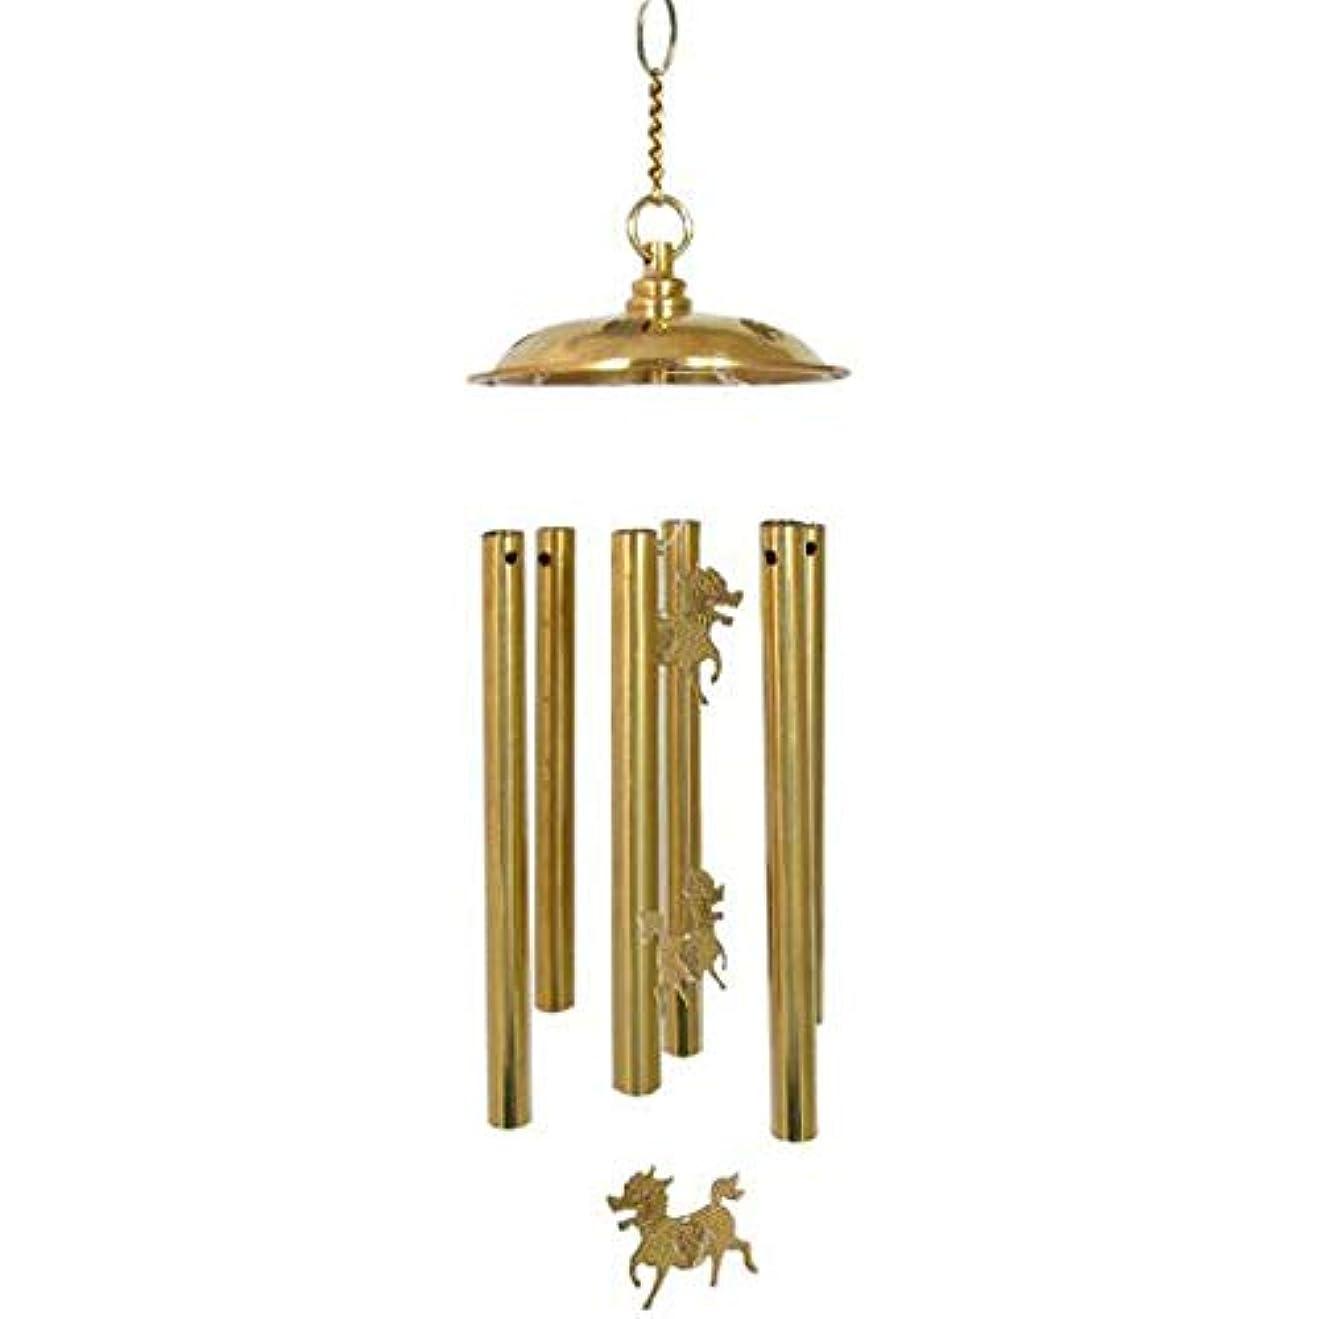 地平線それらドリンクYougou01 風チャイム、ホーム銅風チャイム、ゴールド、全身について48センチメートル 、創造的な装飾